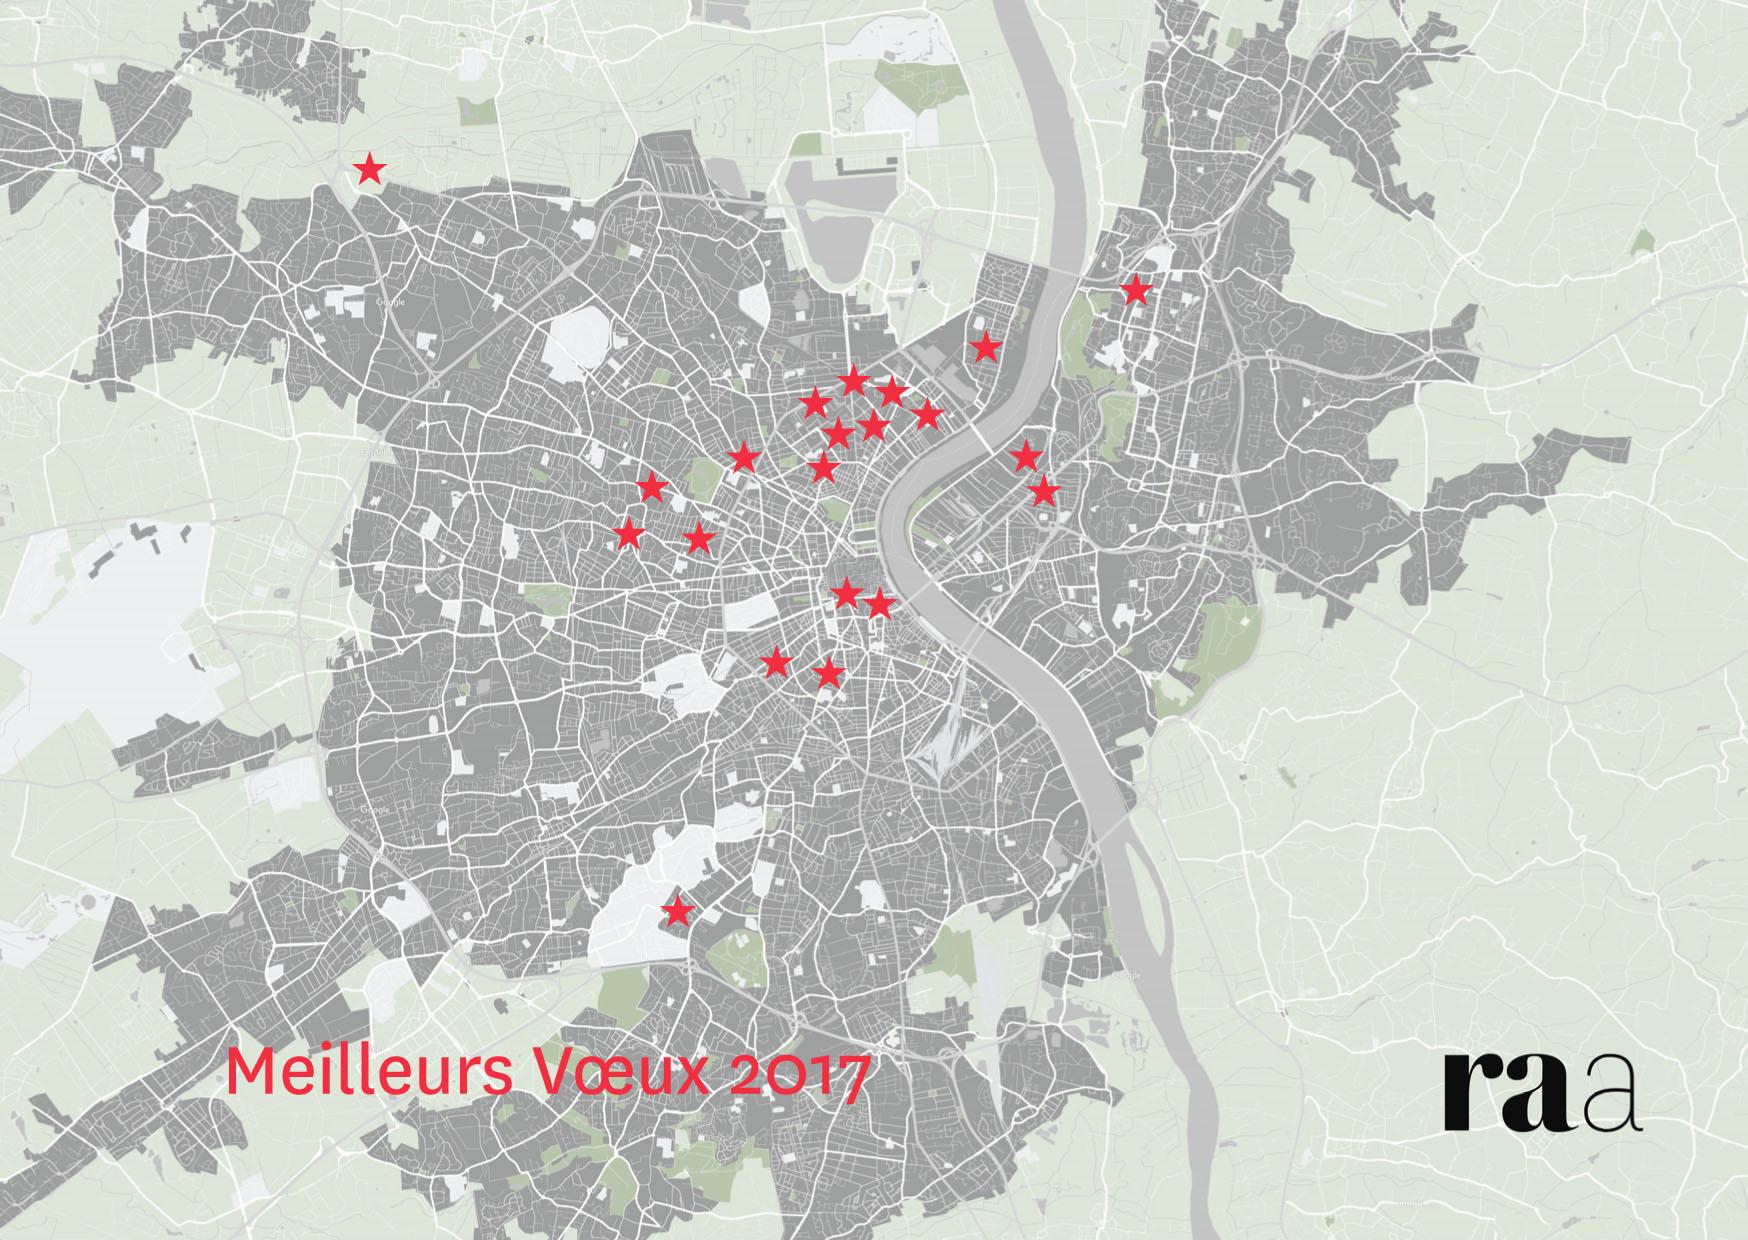 Rodde Aragues Architecte Bordeaux et Aquitaine projets en cours